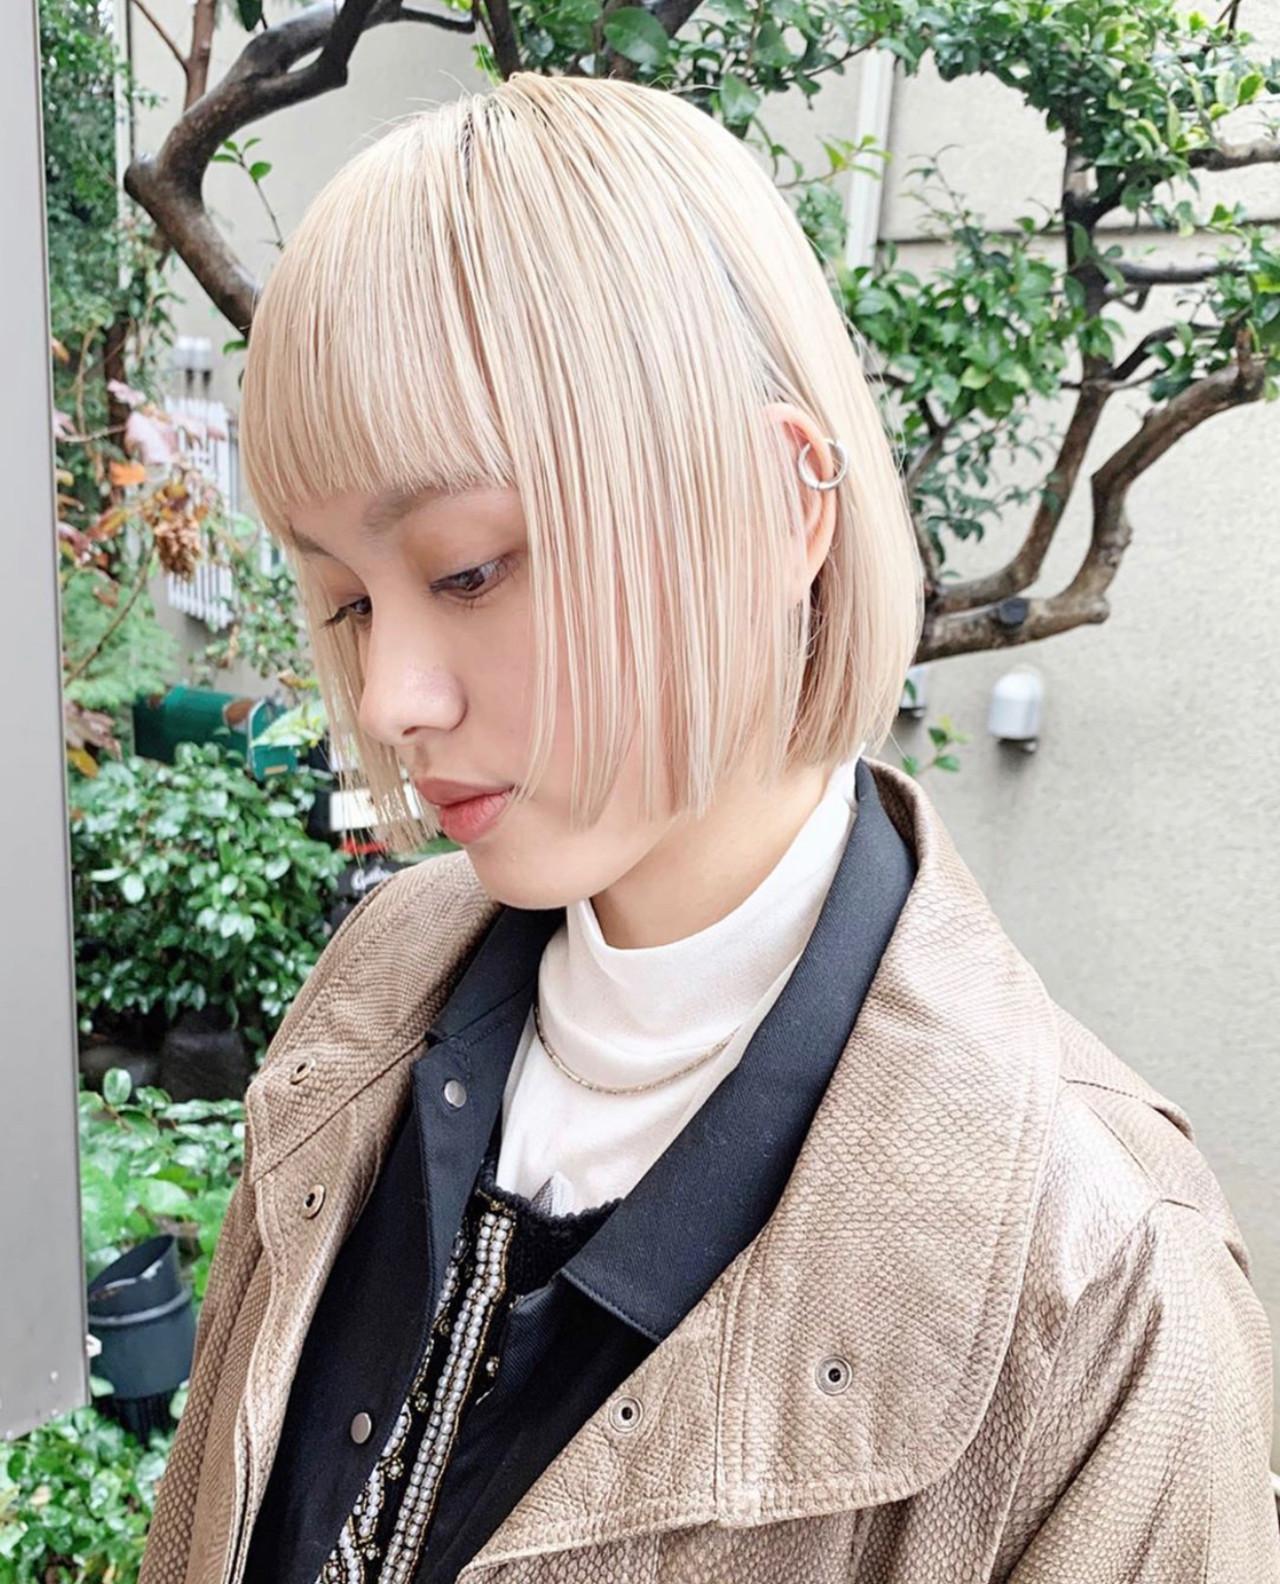 ハイトーンカラー ブロンドカラー ハイトーン ブロンド ヘアスタイルや髪型の写真・画像